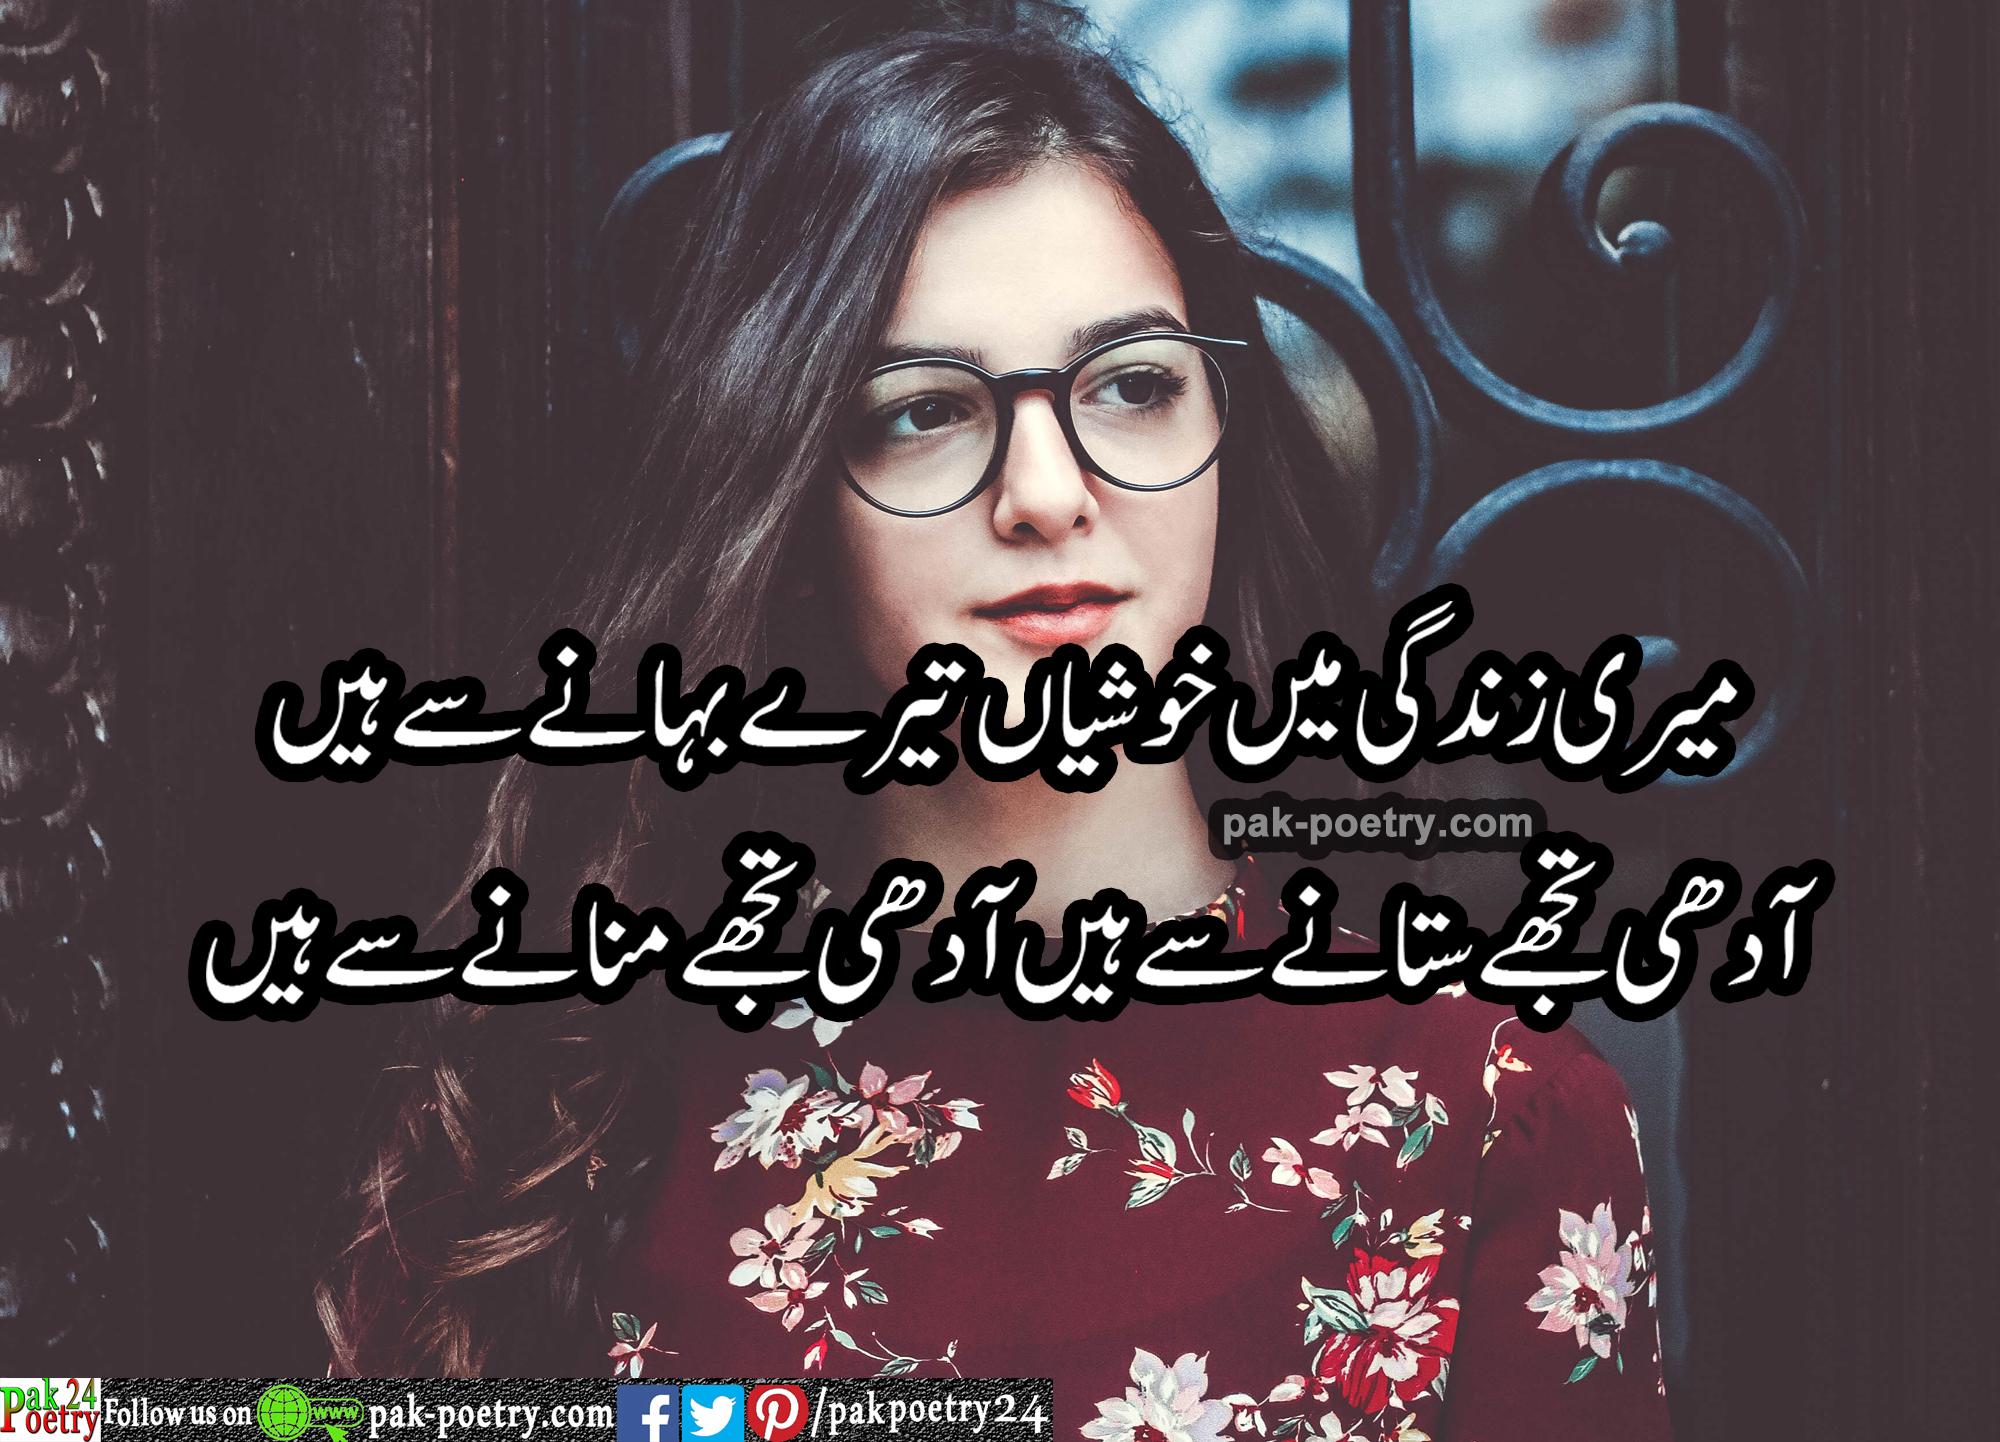 Love poetry, love poetry in urdu, love poetry urdu, urdu love poetry, poetry love, love poetry pics, love poetries, lovepoetry, Poetry in urdu, urdu poetry, poetry urdu,